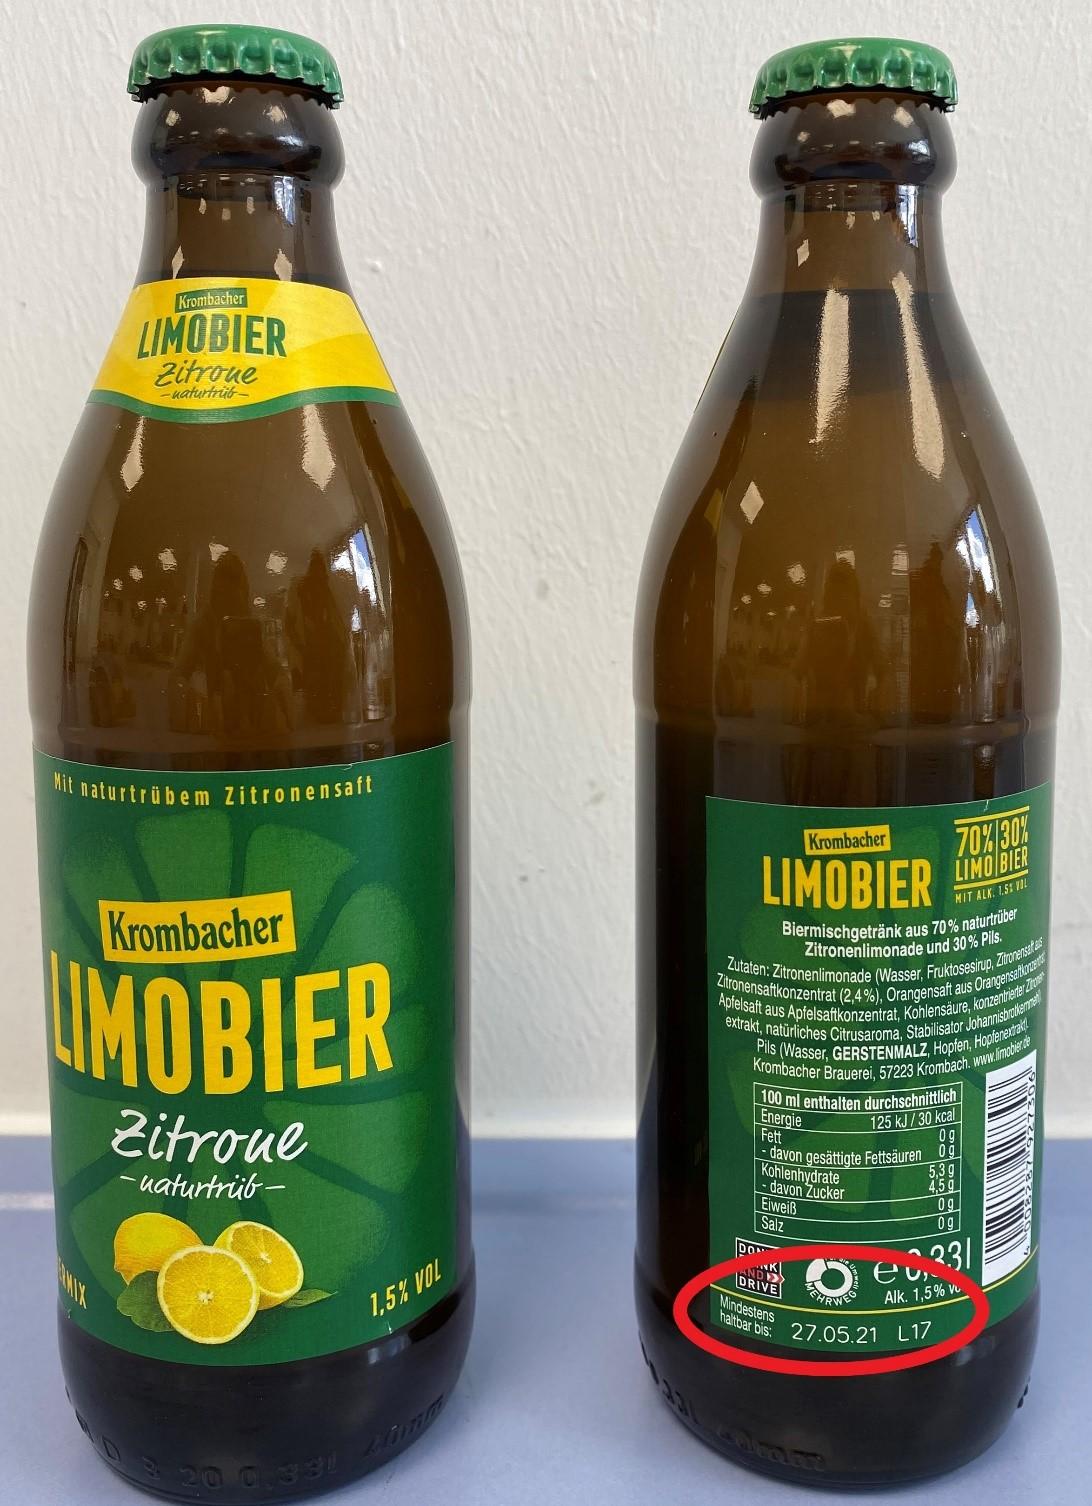 Limobier - Biermischgetränk aus 70 % naturtrüber Zitronenlimonade und 30 % Pils